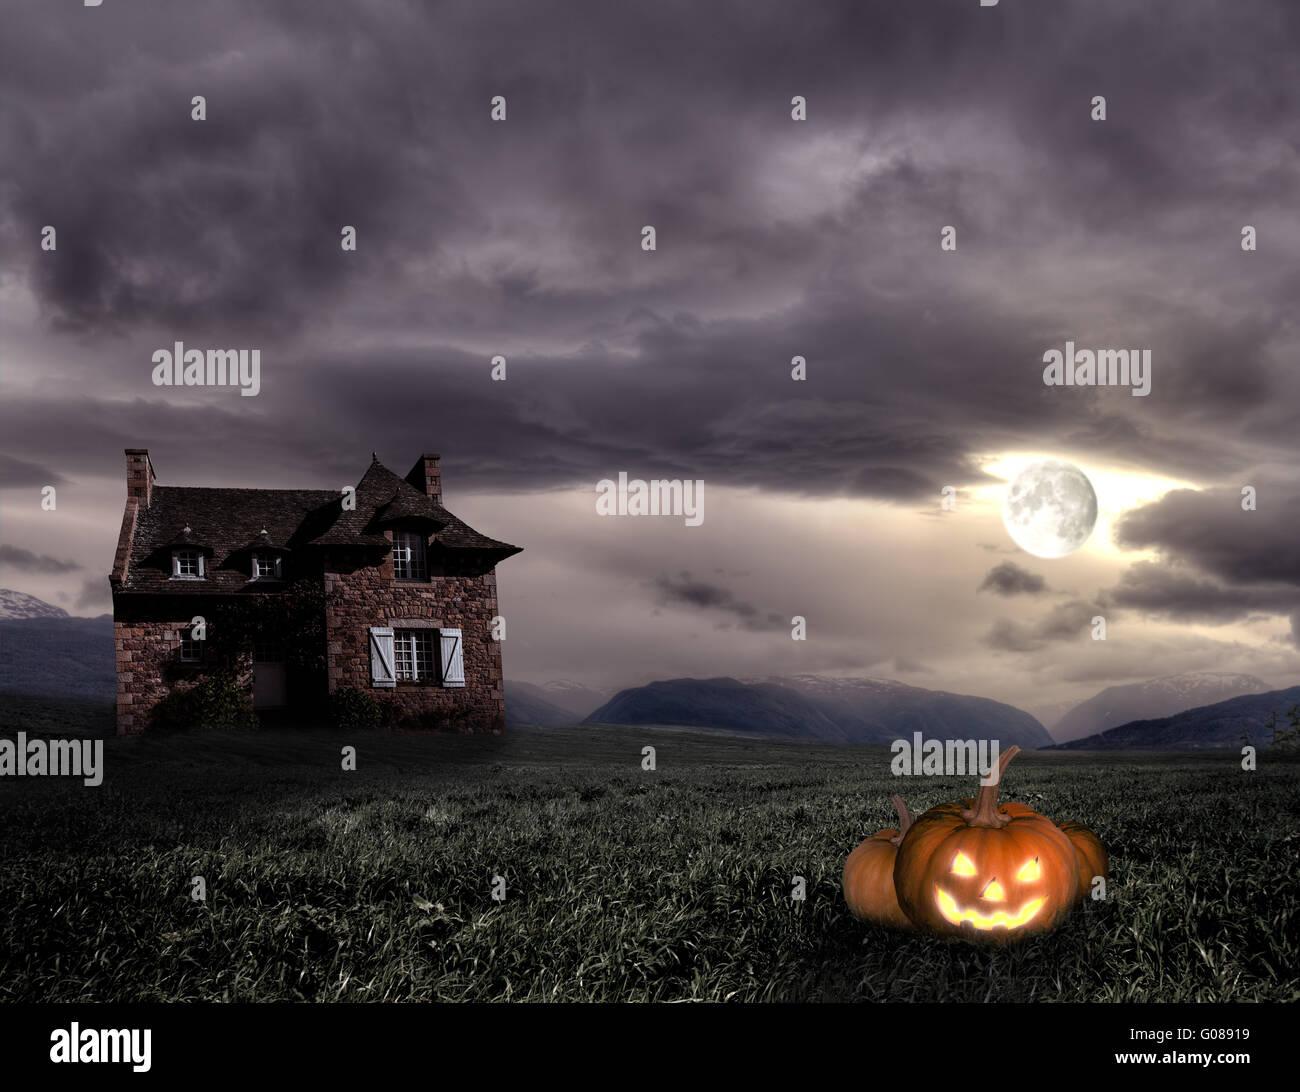 Halloween apocalyptique décor avec ancienne maison et de citrouille Photo Stock